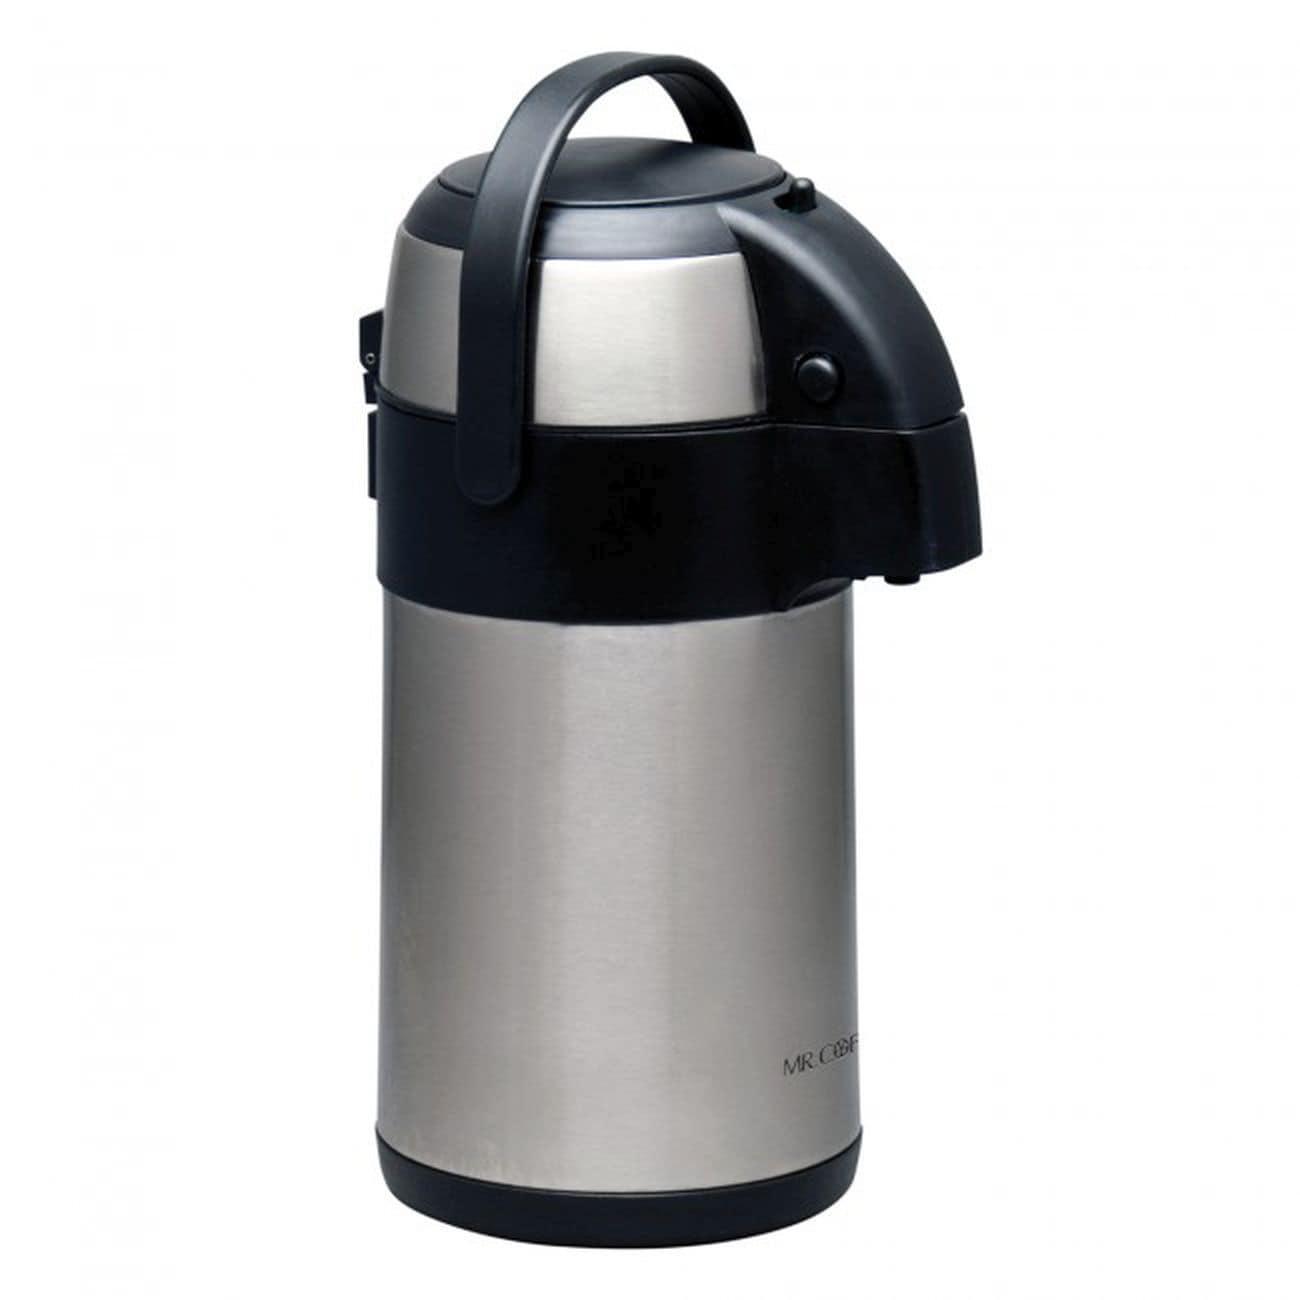 Mr Coffee Brown) Everflow Pump Pot (Stainless Steel)